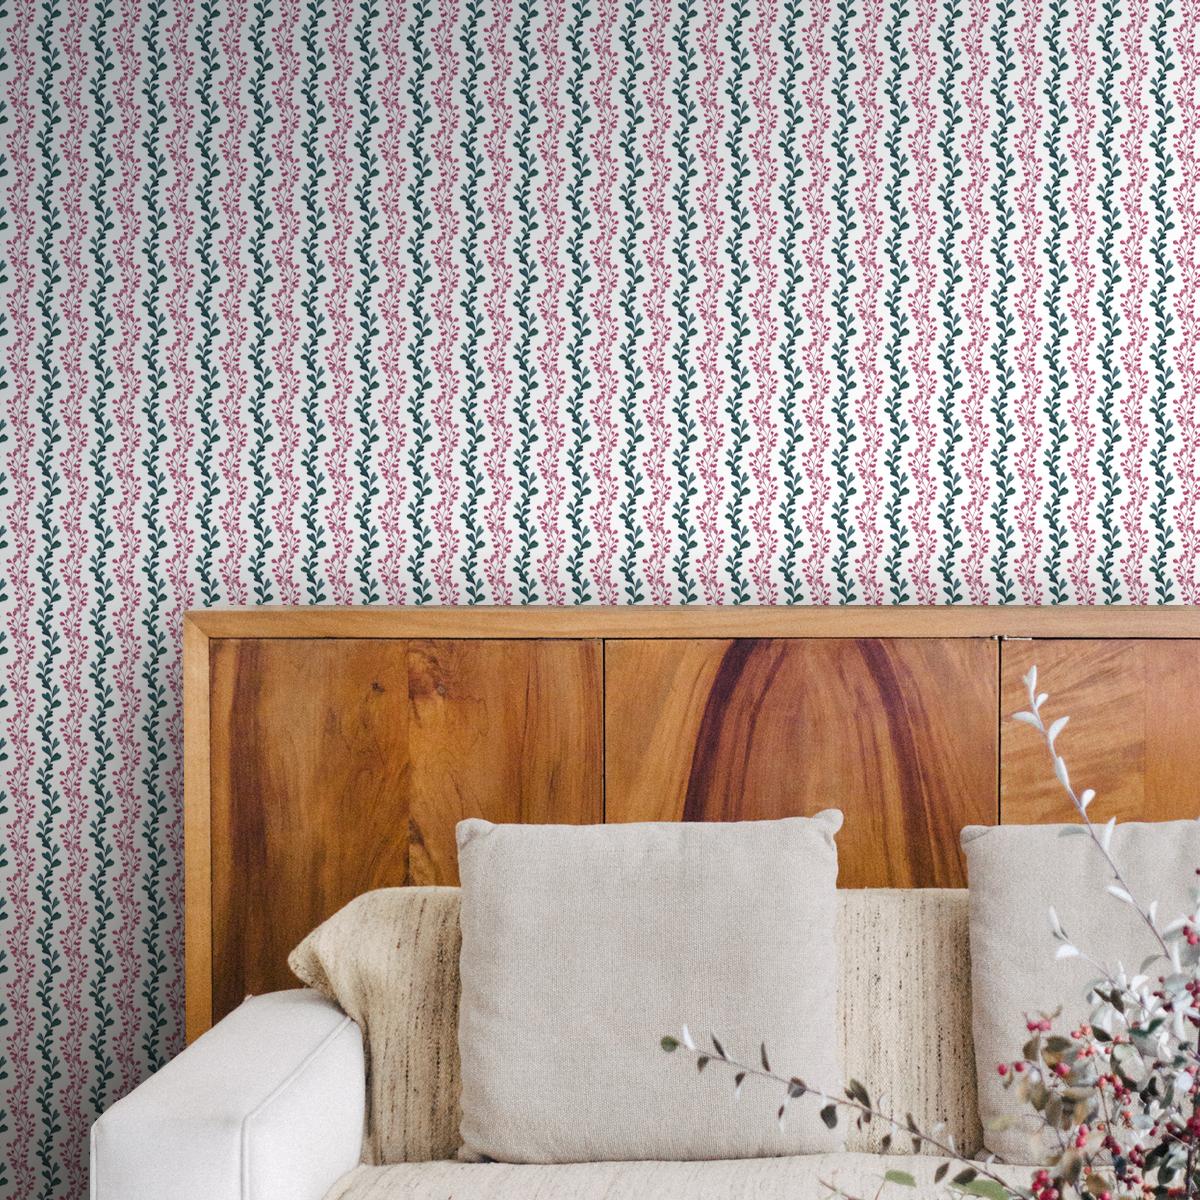 wandgestaltung tapete schlafzimmer kleines schlafzimmer ideen dachschr ge neu gestalten richtig. Black Bedroom Furniture Sets. Home Design Ideas